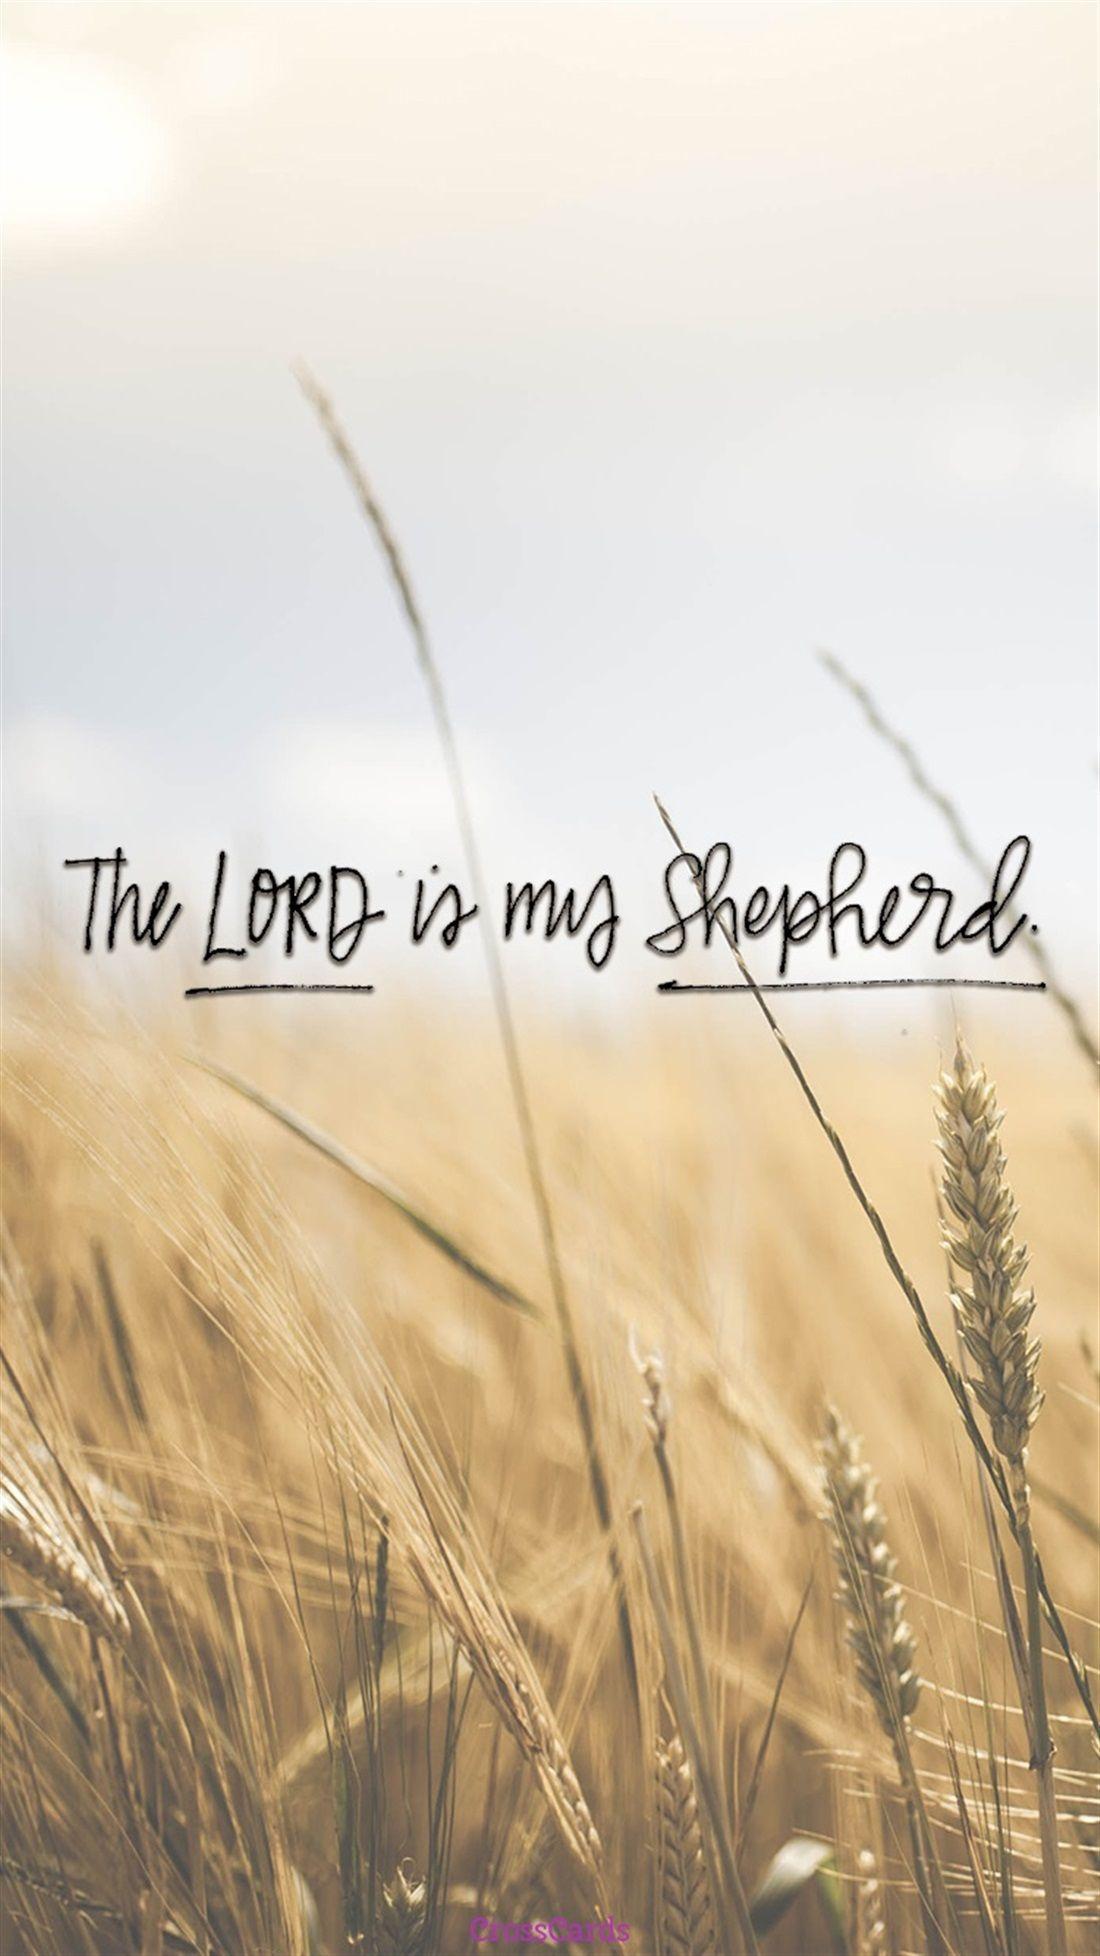 The Lord Is My Shepherd Lord Is My Shepherd Free Phone